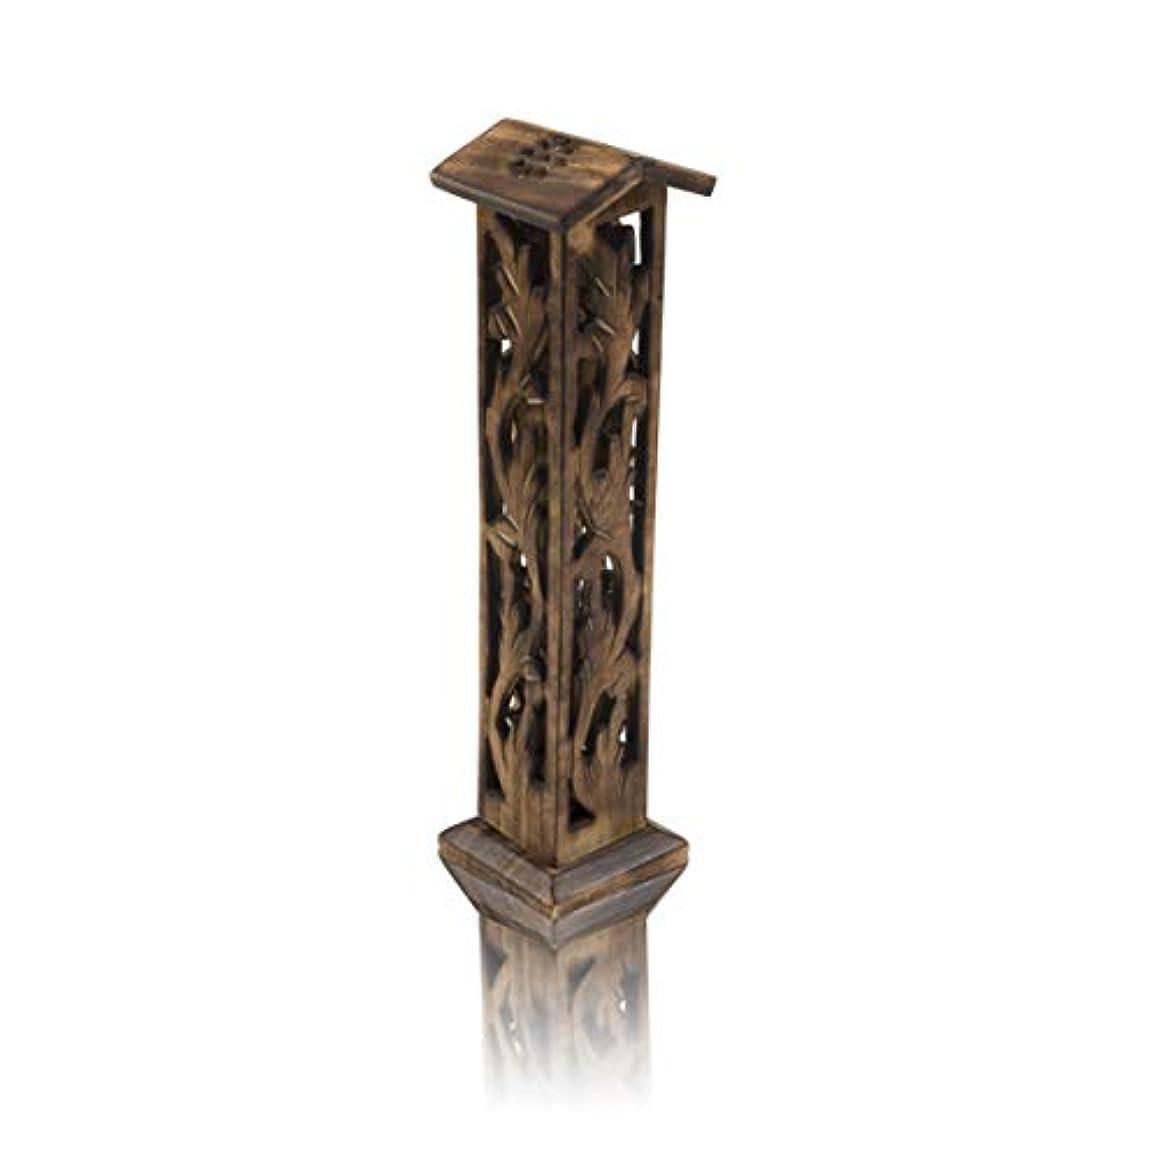 臭い防衛クリープ木製お香スティック&コーンバーナーホルダー タワー ラージ オーガニック エコフレンドリー アッシュキャッチャー アガーバティホルダー 素朴なスタイル 手彫り 瞑想 ヨガ アロマセラピー ホームフレグランス製品